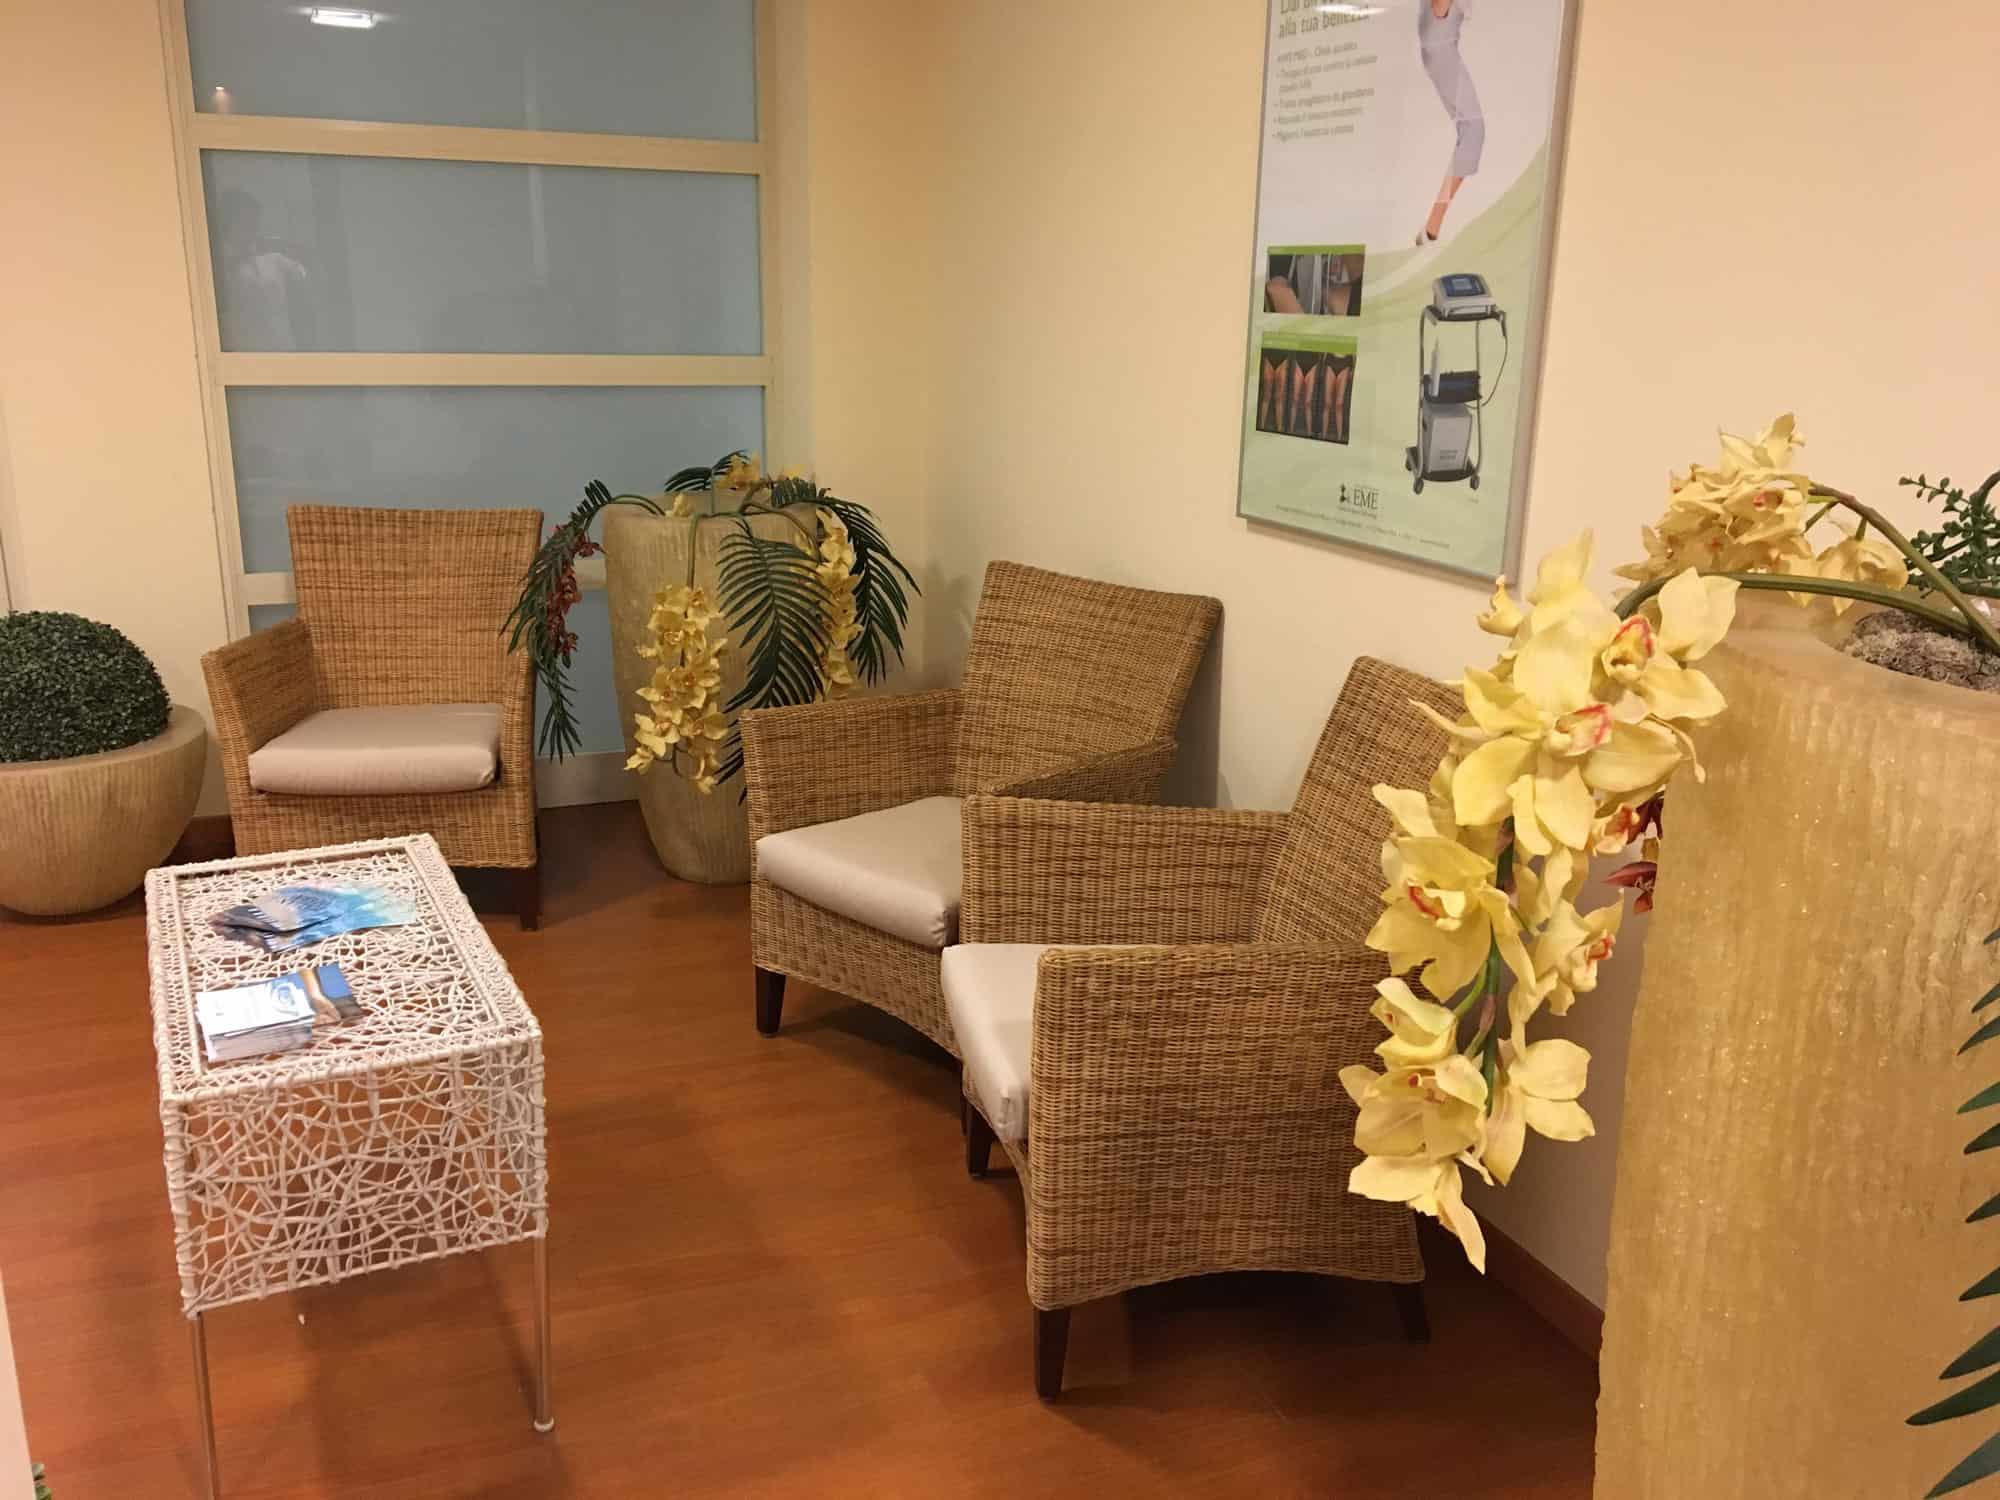 sala d'aspetto Rimini Terme